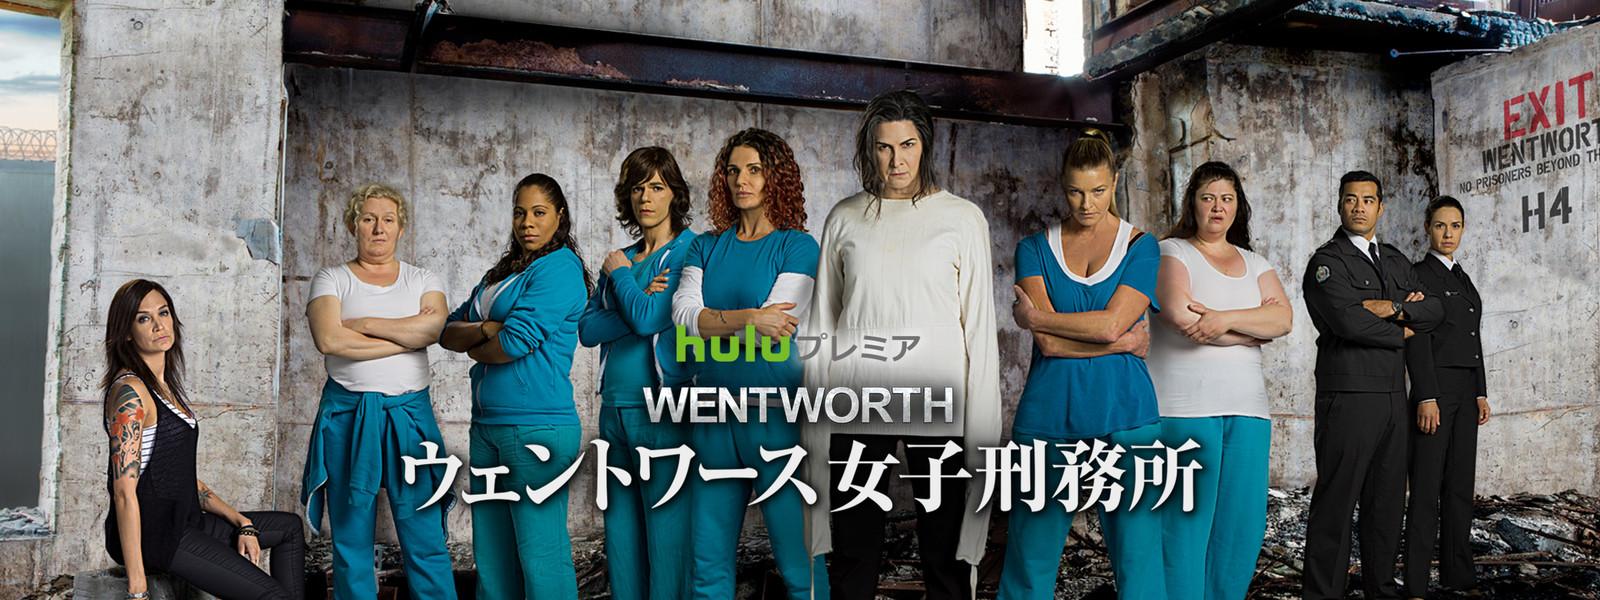 8 シーズン ウェントワース 刑務所 女子